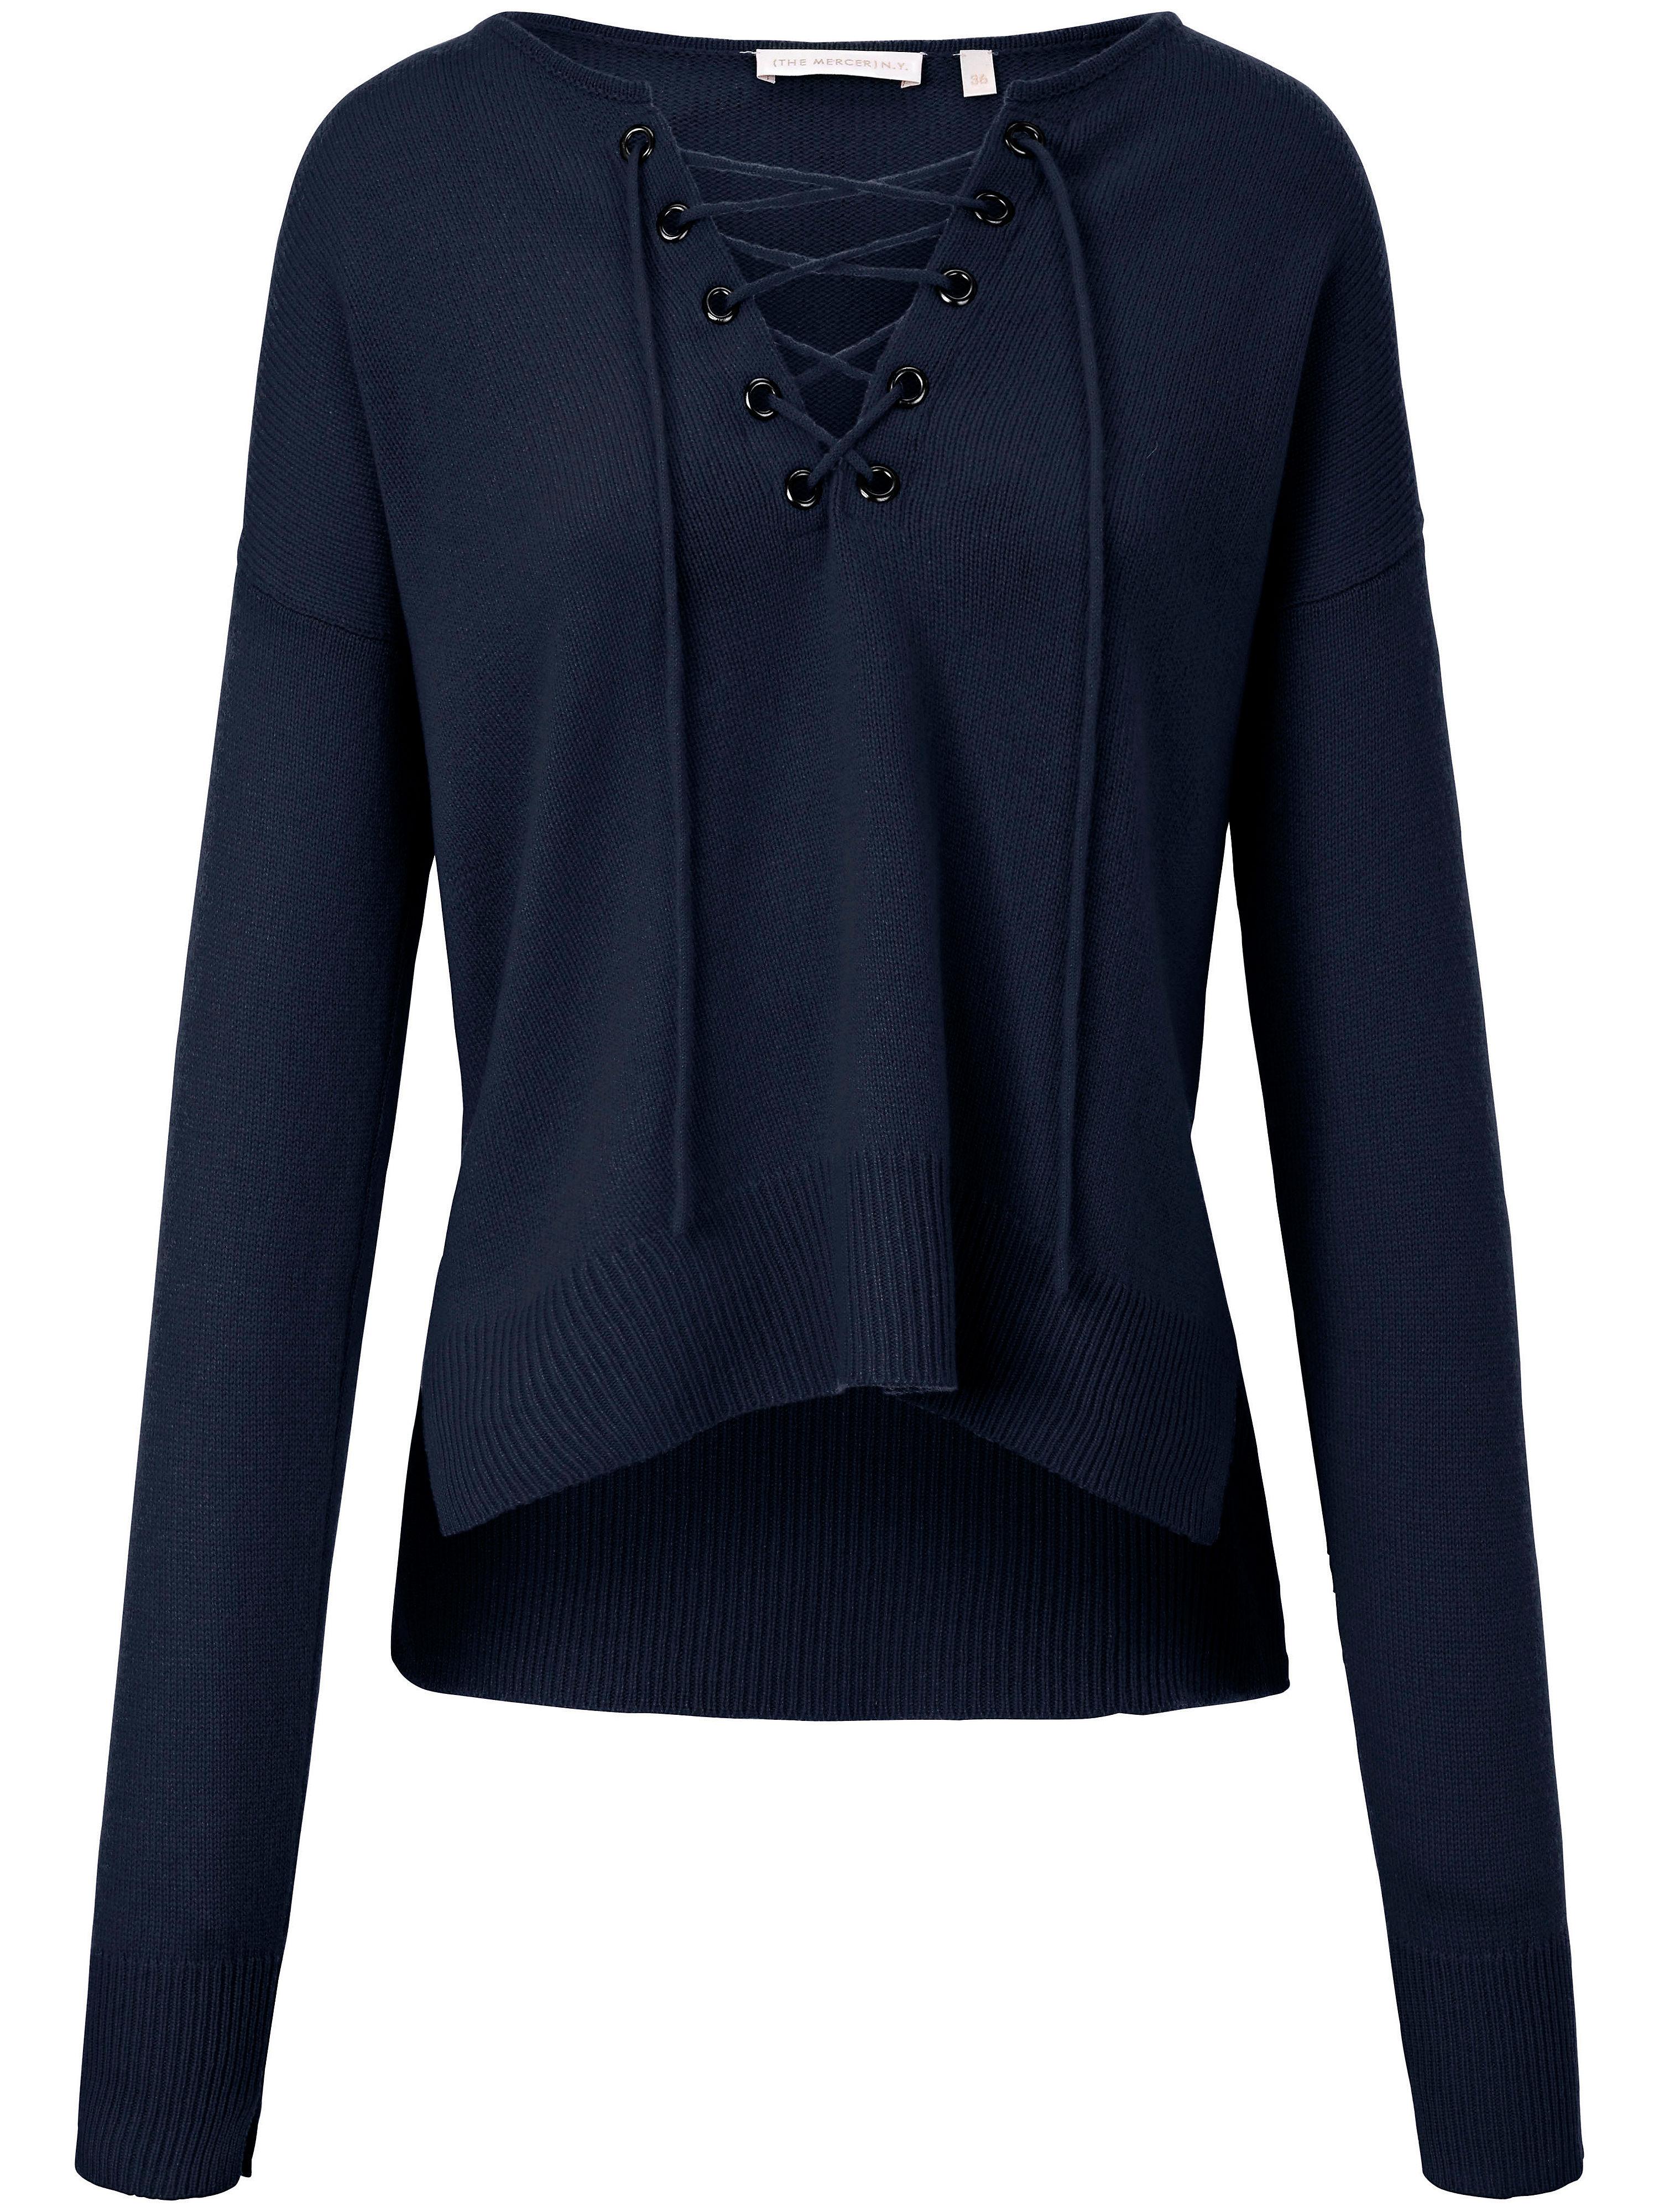 Pullover aus 100% Kaschmir (THE MERCER) N.Y. blau